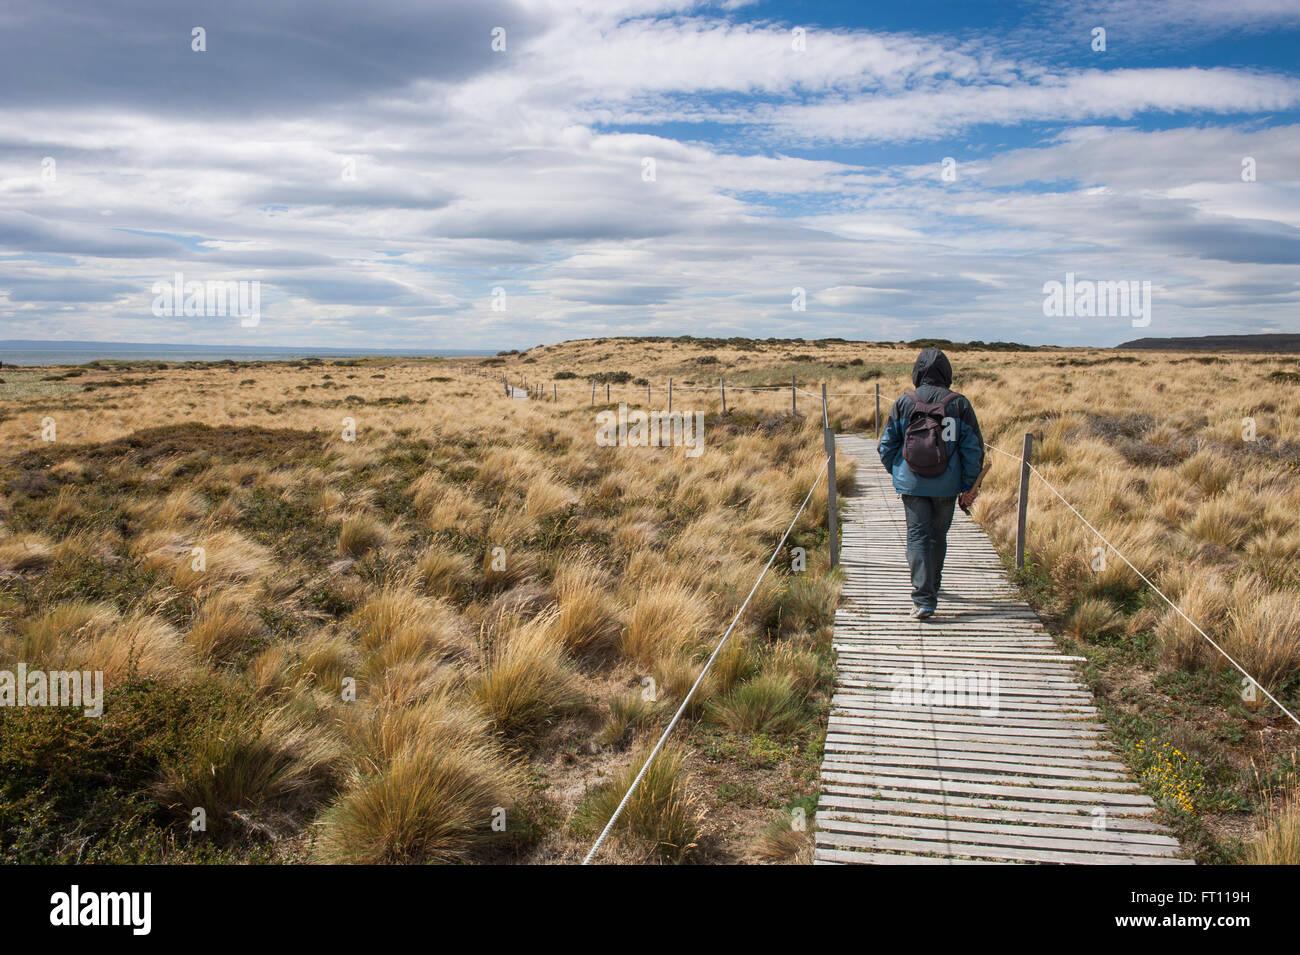 Caminante tras un paseo, Seno Otway, Punta Arenas, Magallanes y de la Antártica Chilena, Patagonia, Chile Imagen De Stock